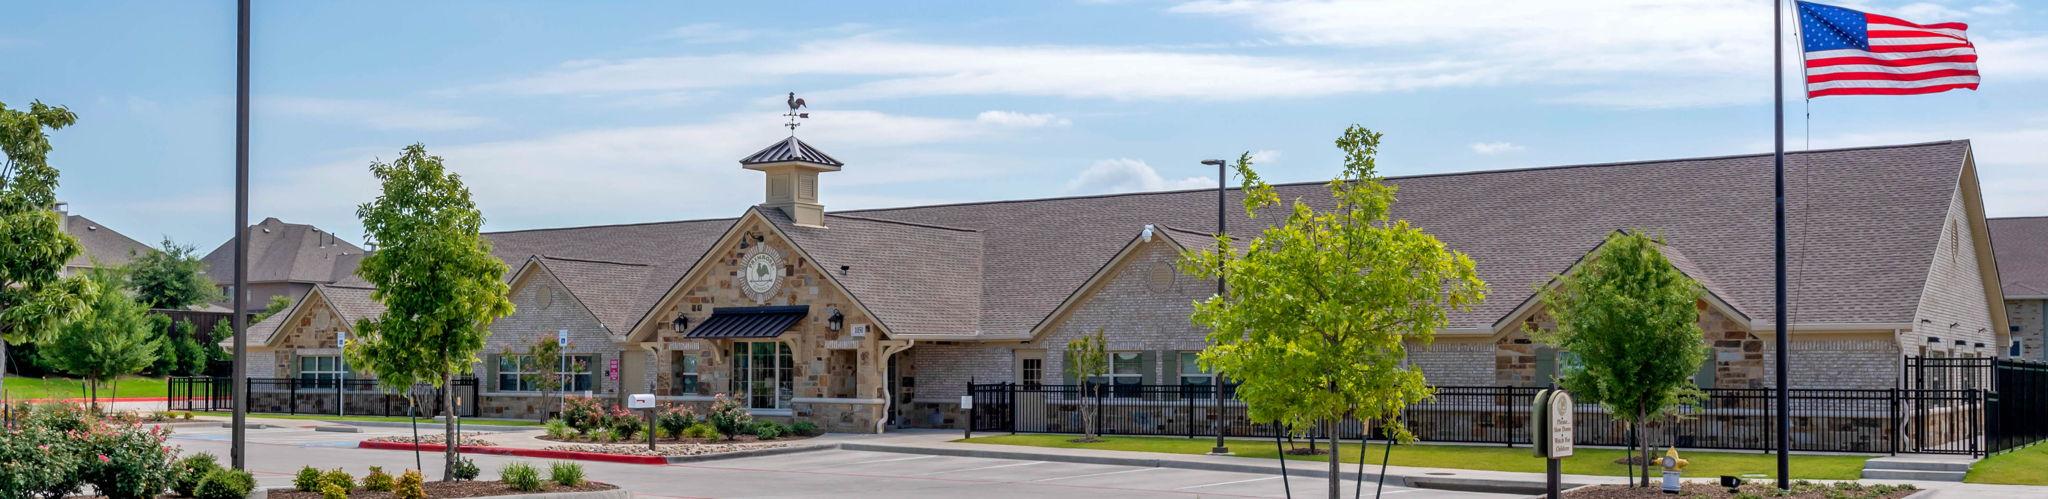 exterior of primrose school of windsong ranch